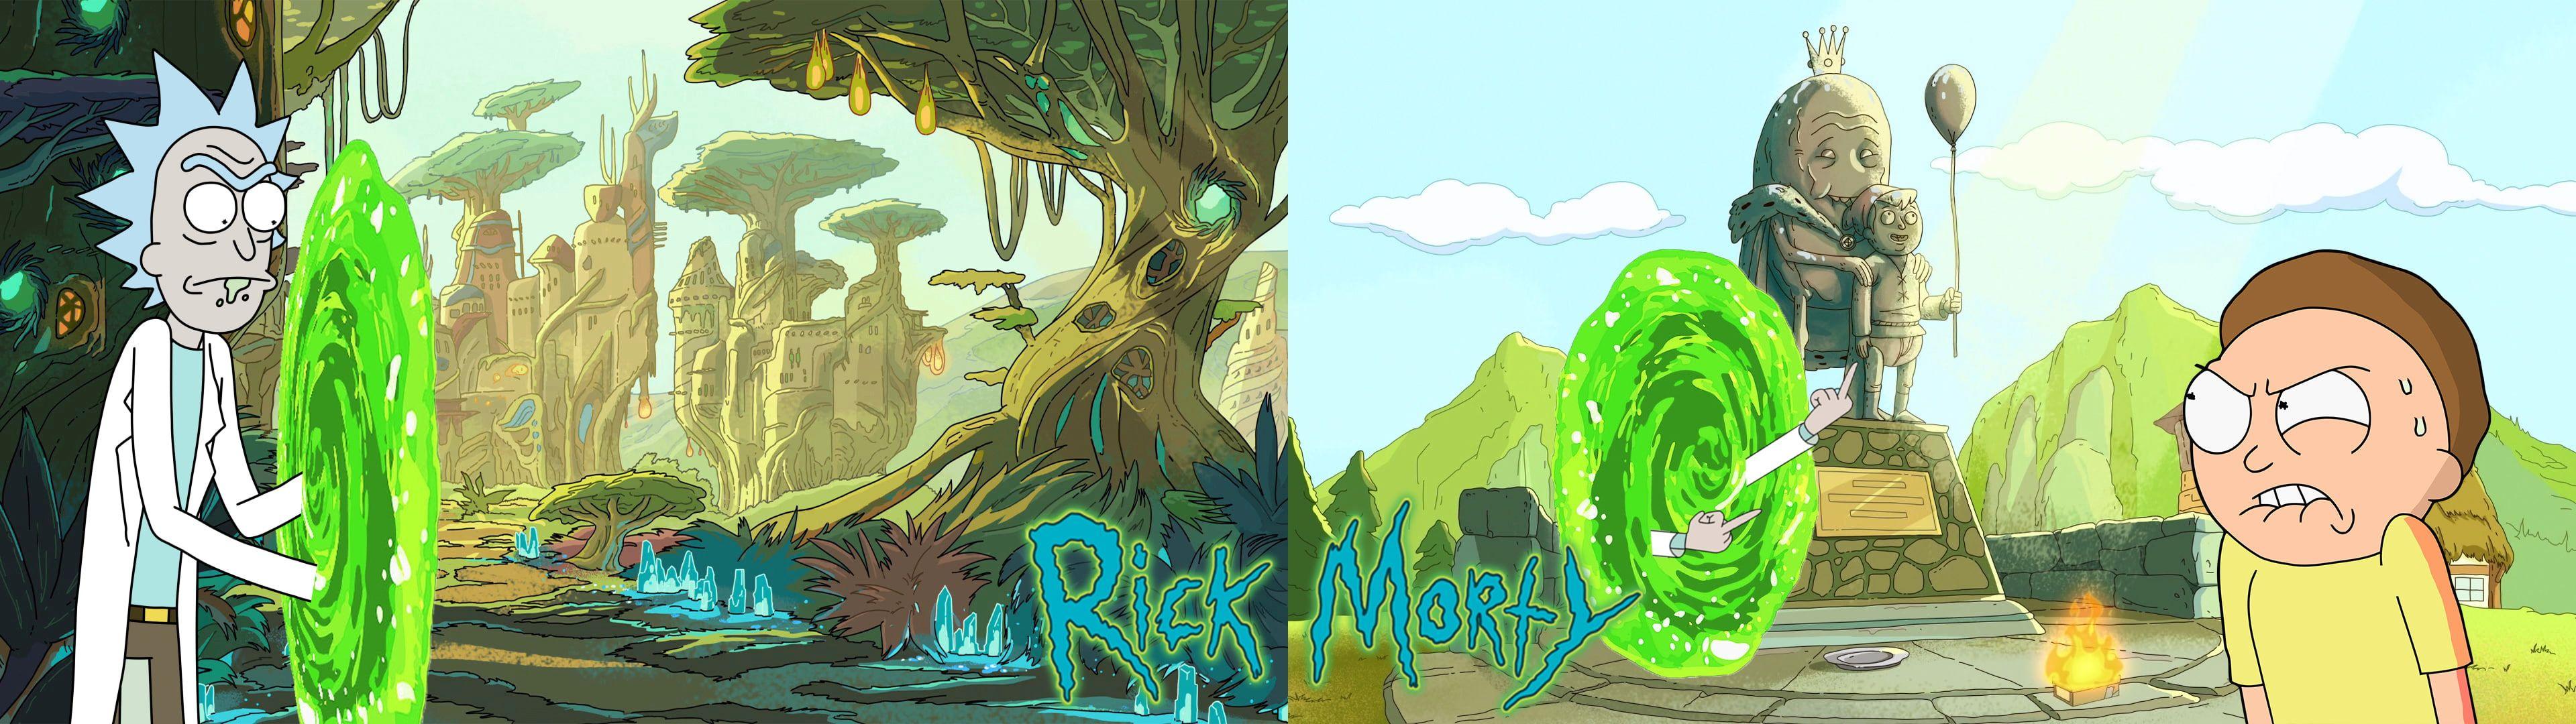 Rick And Morty Dual Monitors Dual Display 4k Wallpaper Hdwallpaper Desktop In 2020 3840x1080 Wallpaper Cartoon Wallpaper Dual Monitor Wallpaper